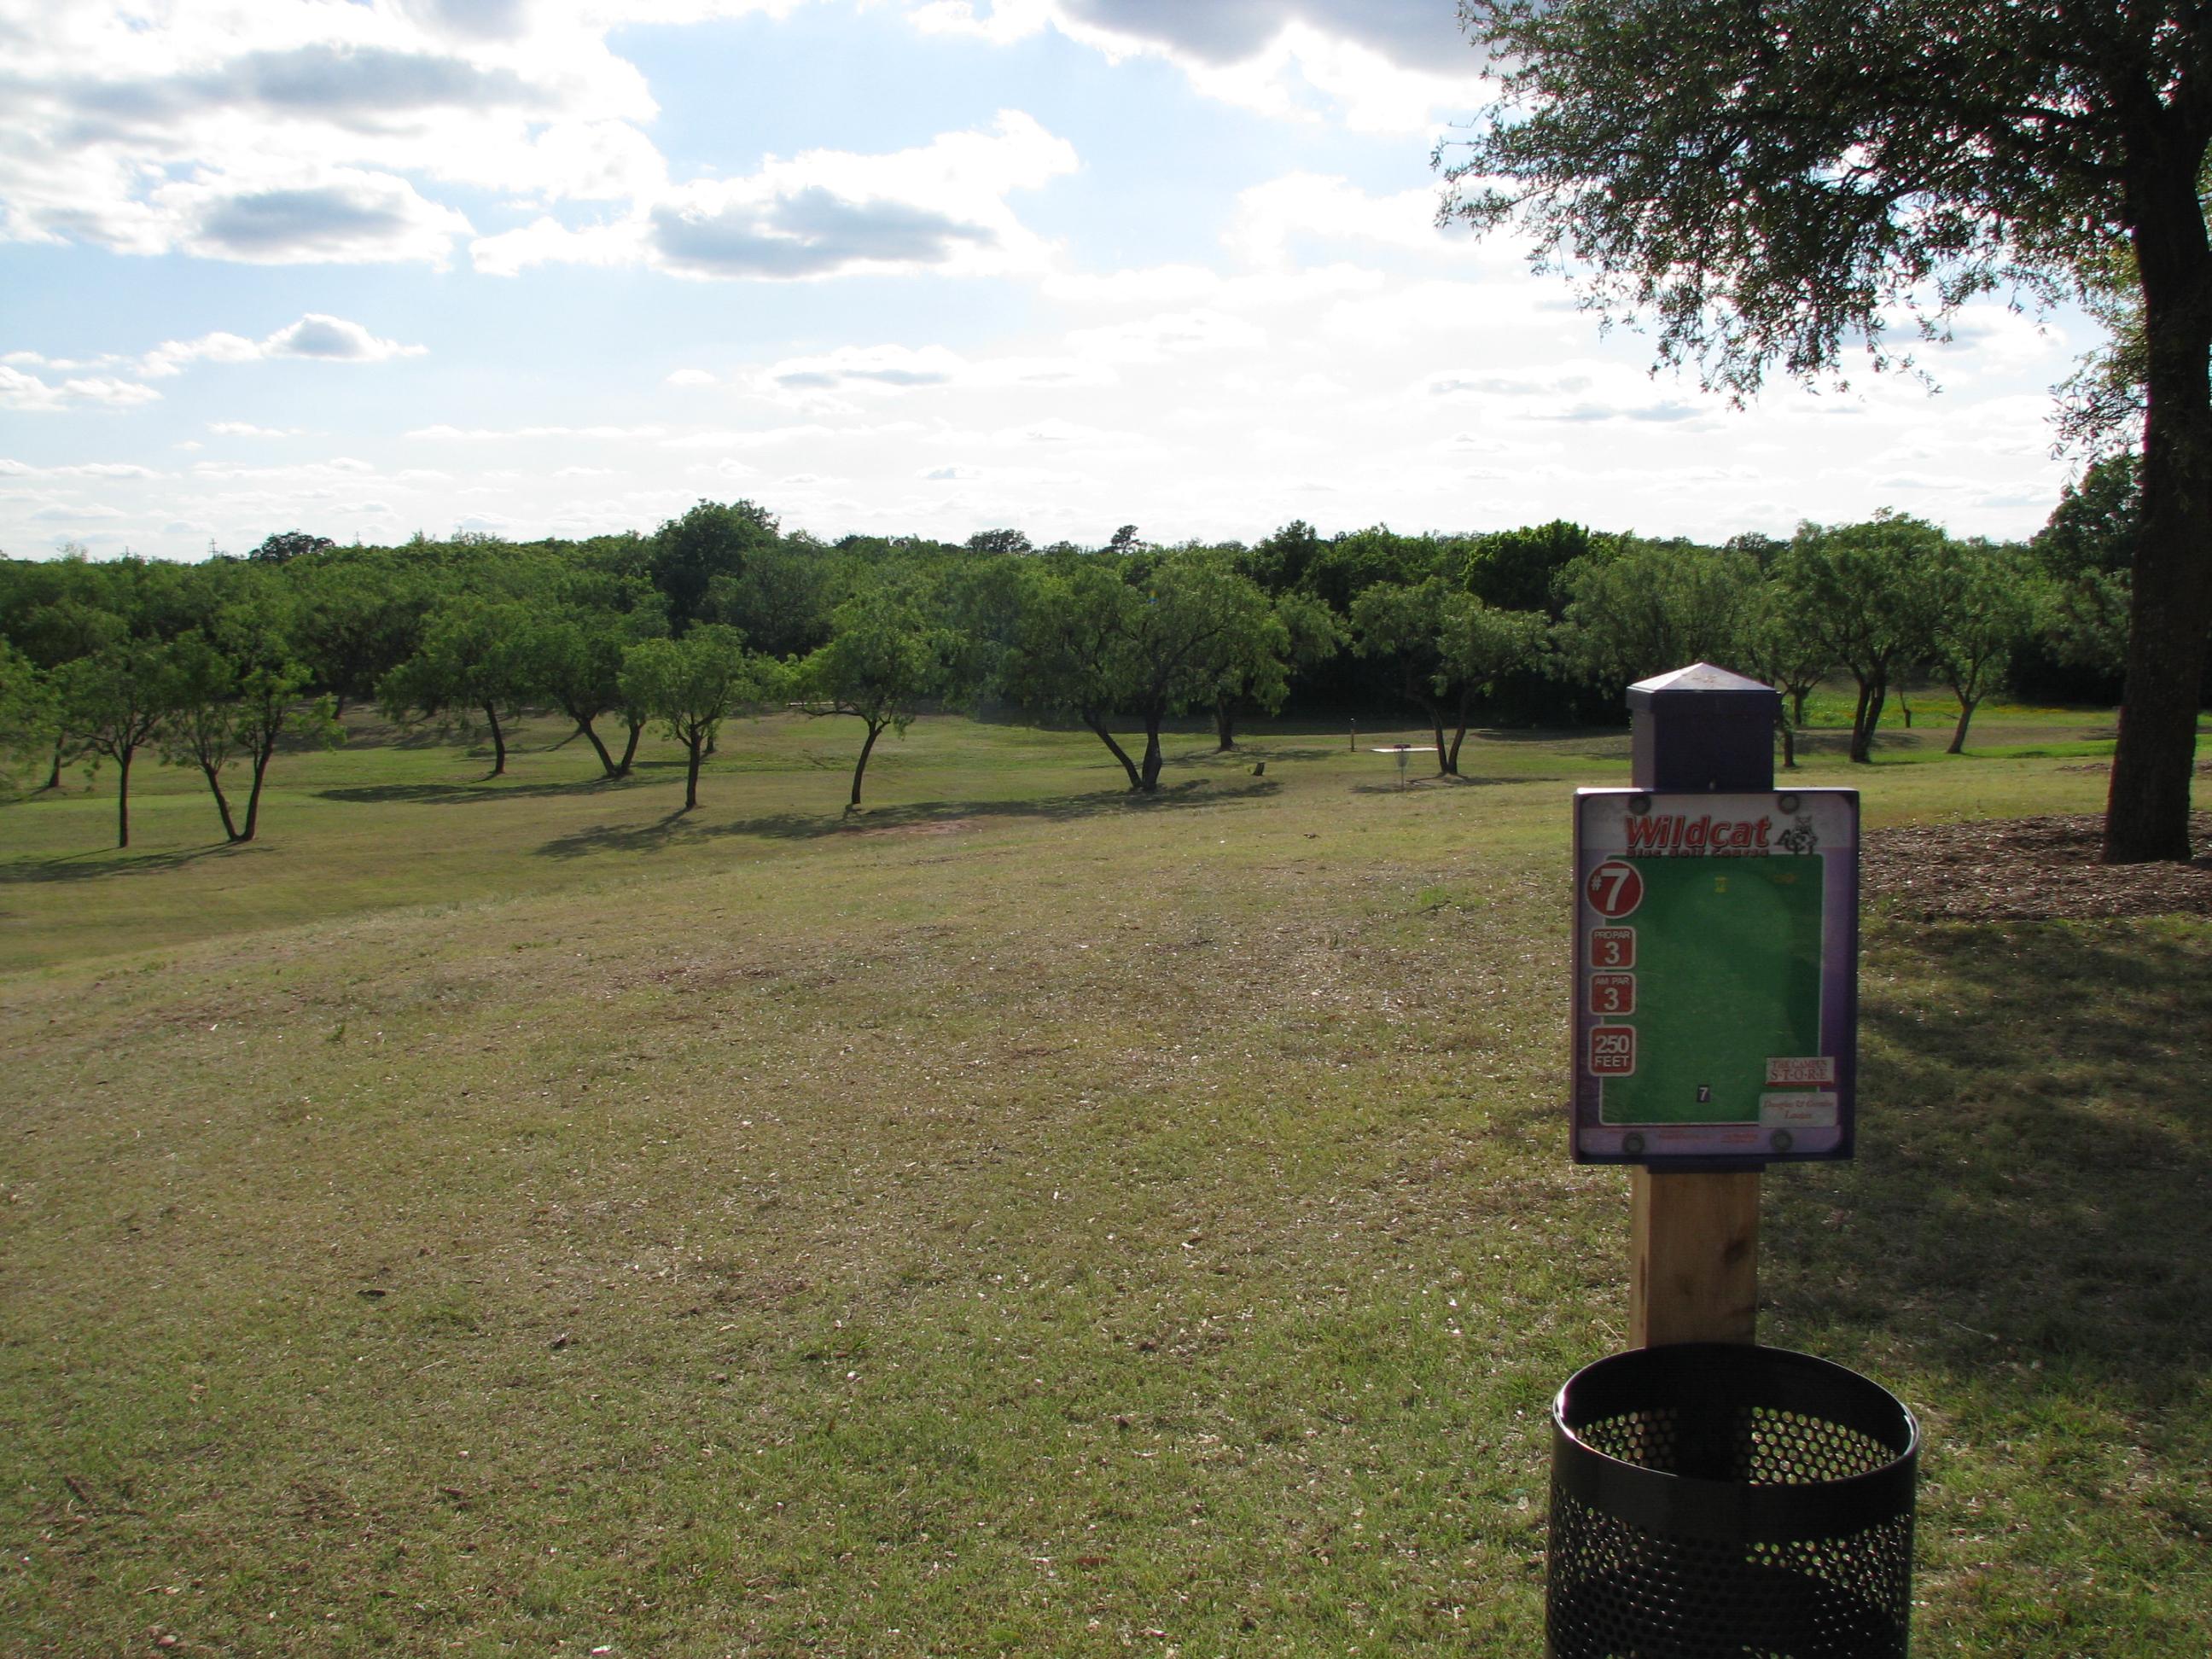 ACU Wildcat Disc Golf